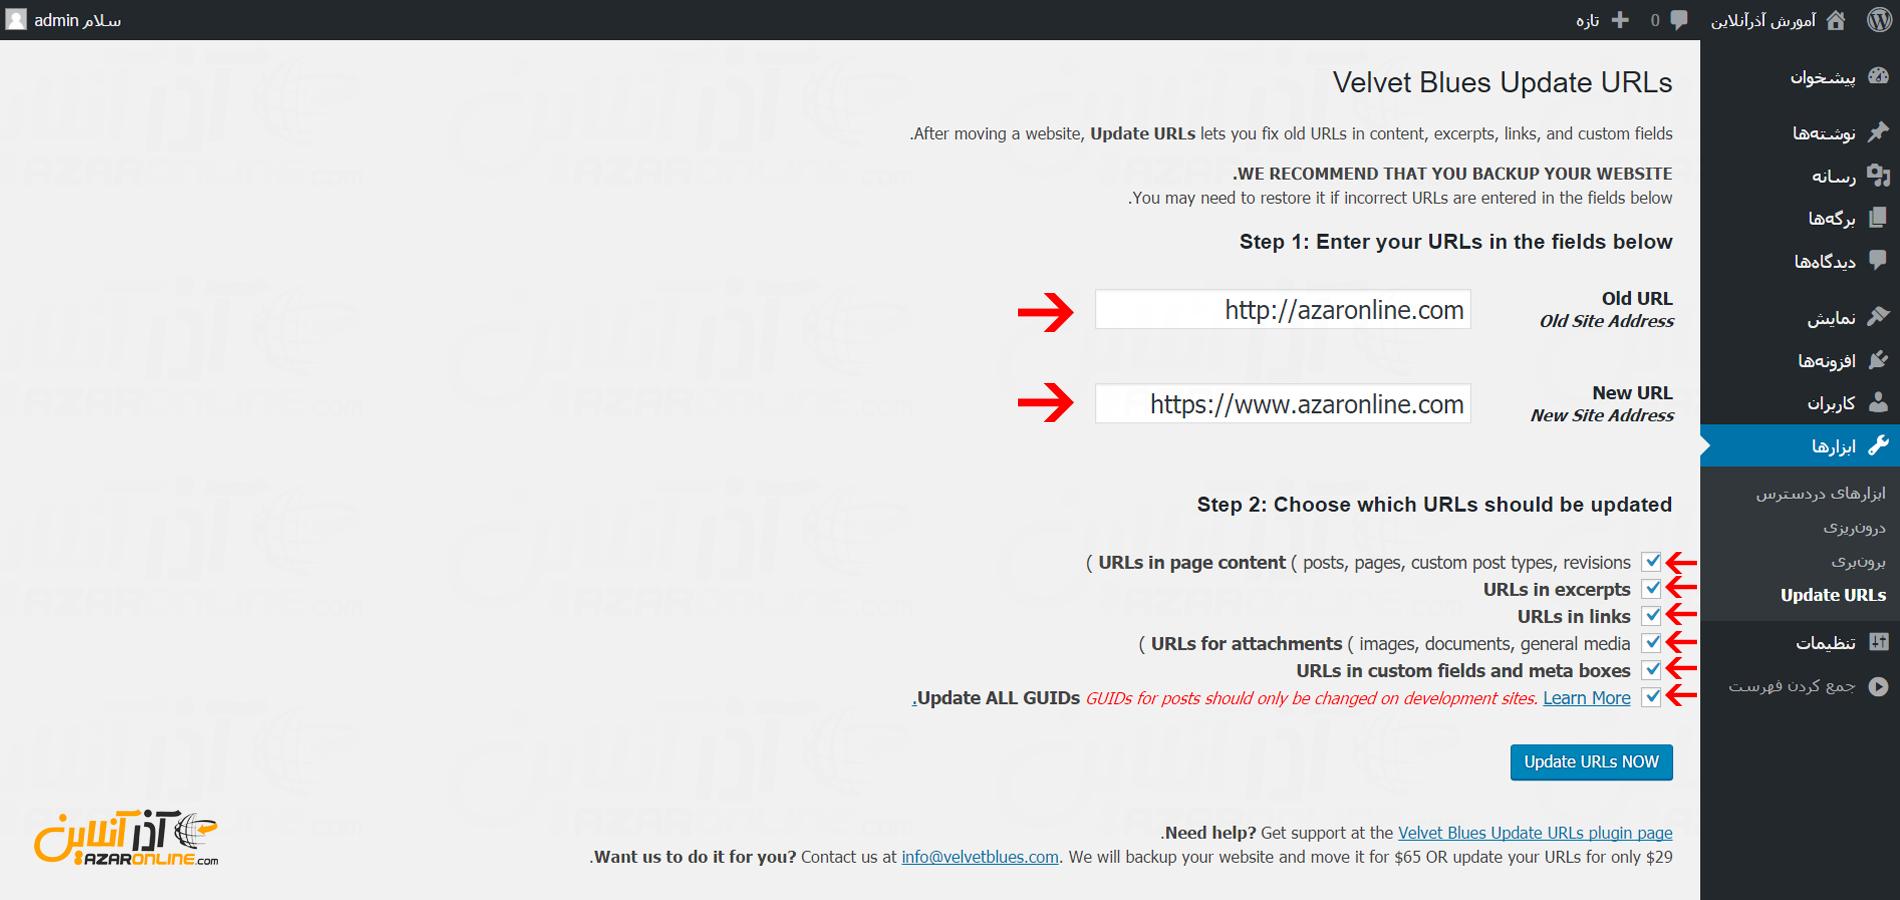 آموزش تغییر URL در وردپرس - آموزش افزونه Velvet blues update urls